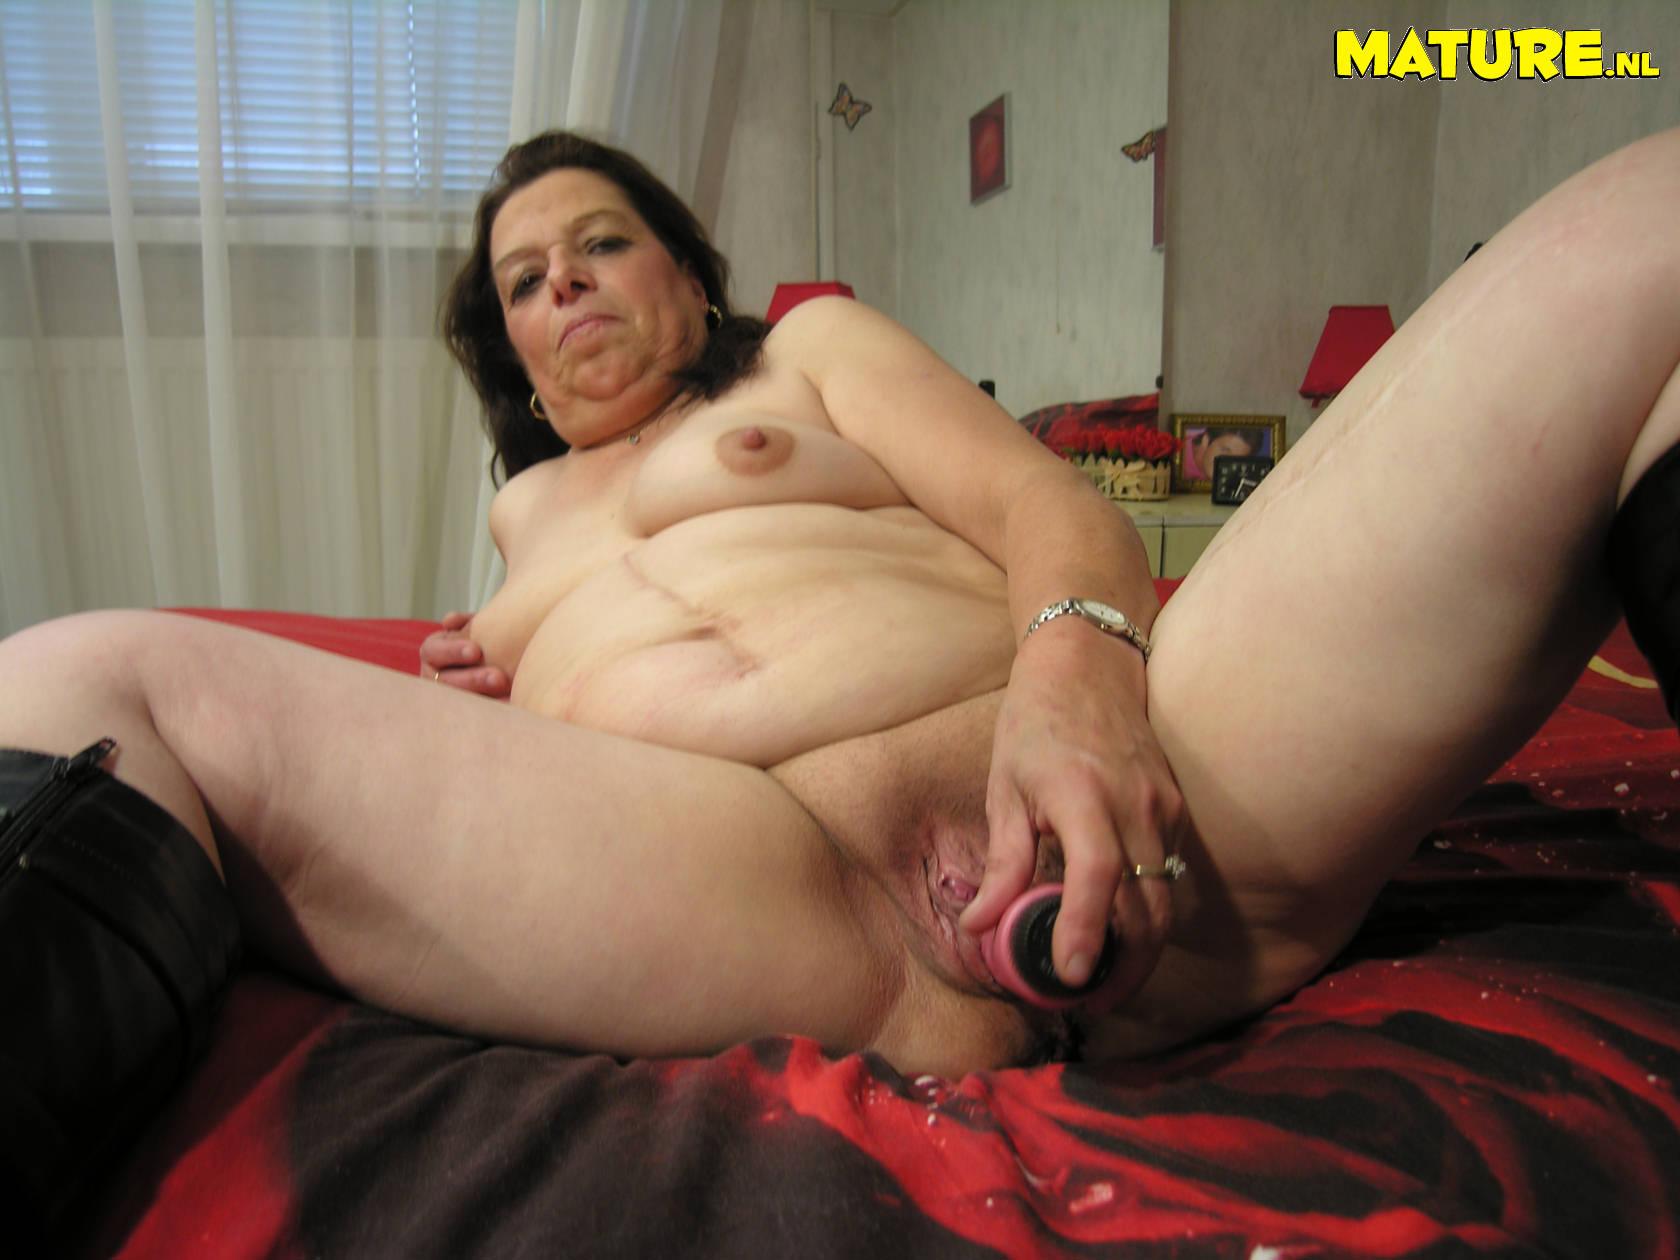 3d mature dildo pics nackt video